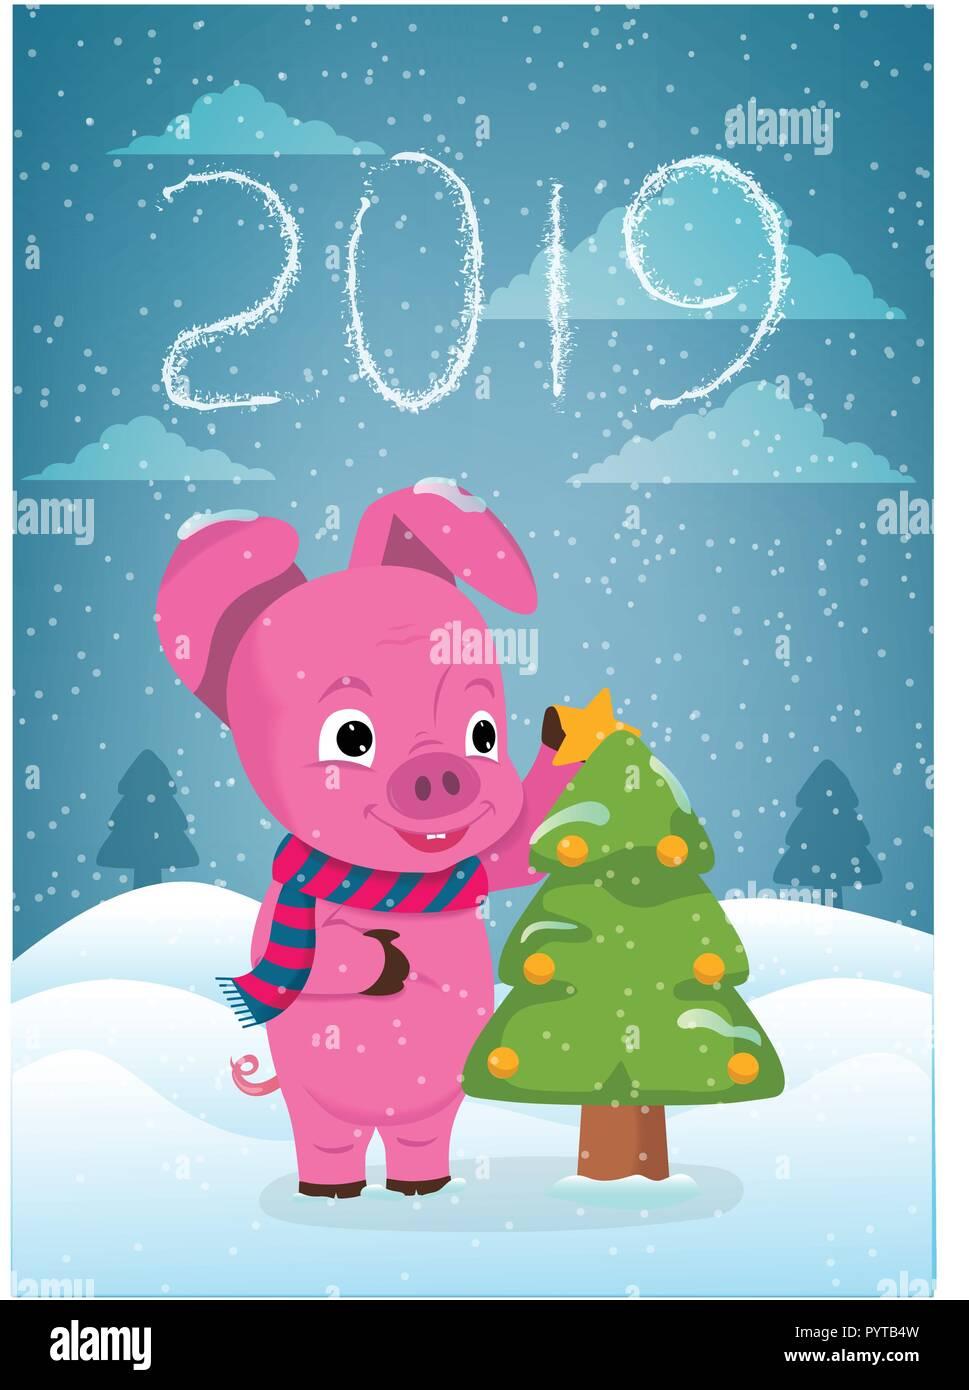 Felicitaciones Graciosas De Navidad 2019.Tarjeta De Felicitacion De Ano Nuevo Con Gracioso Cerdo